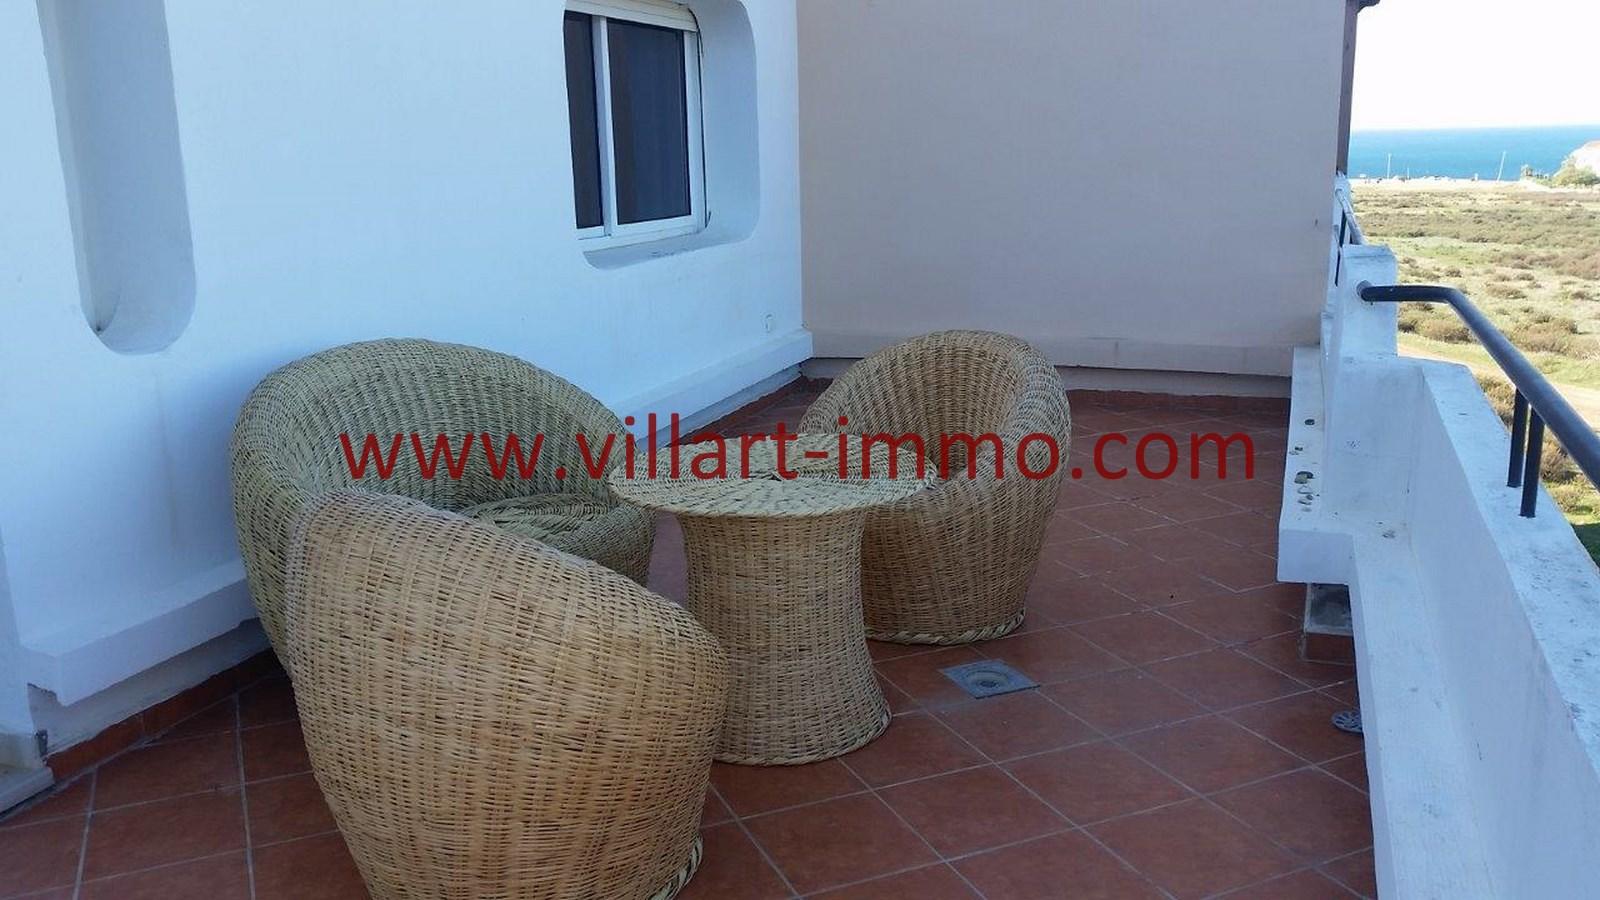 11-Location-Appartement-Meublé-Achakar-Tanger-Terrasse-L831-Villart immo